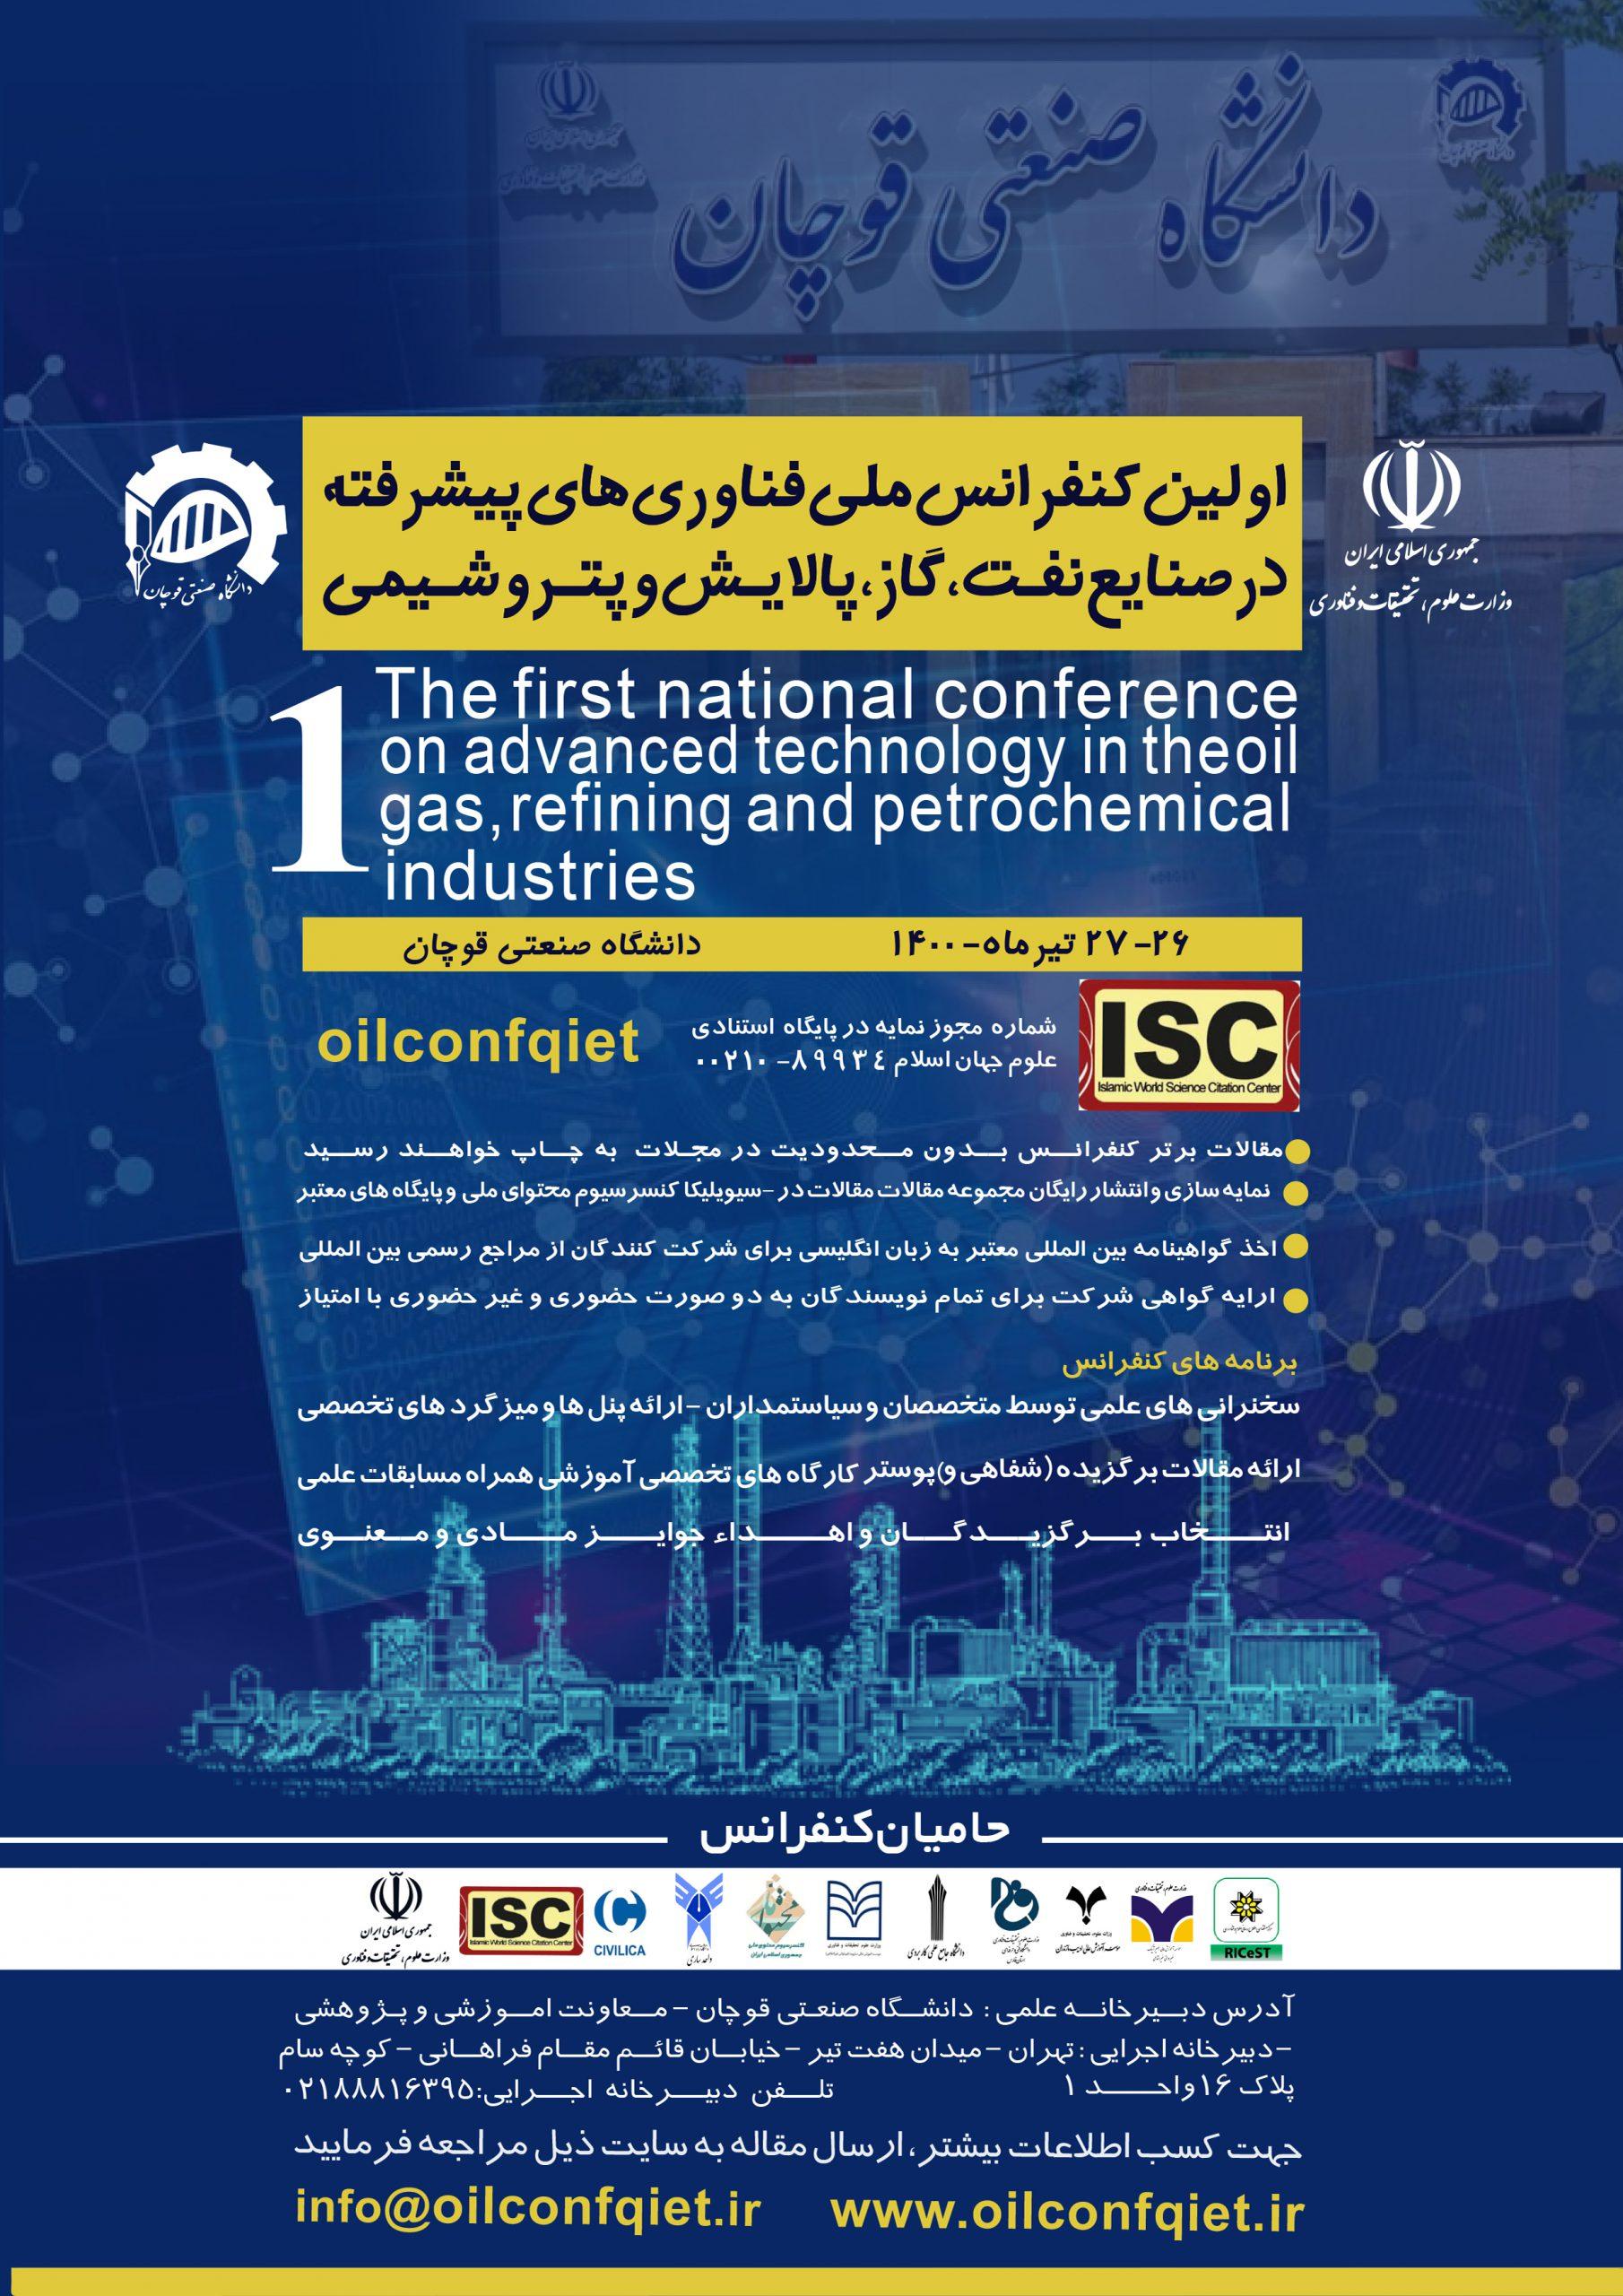 کنفرانس ملی فناوری های پیشرفته در صنایع نفت، گاز،پالایش و پتروشیمی